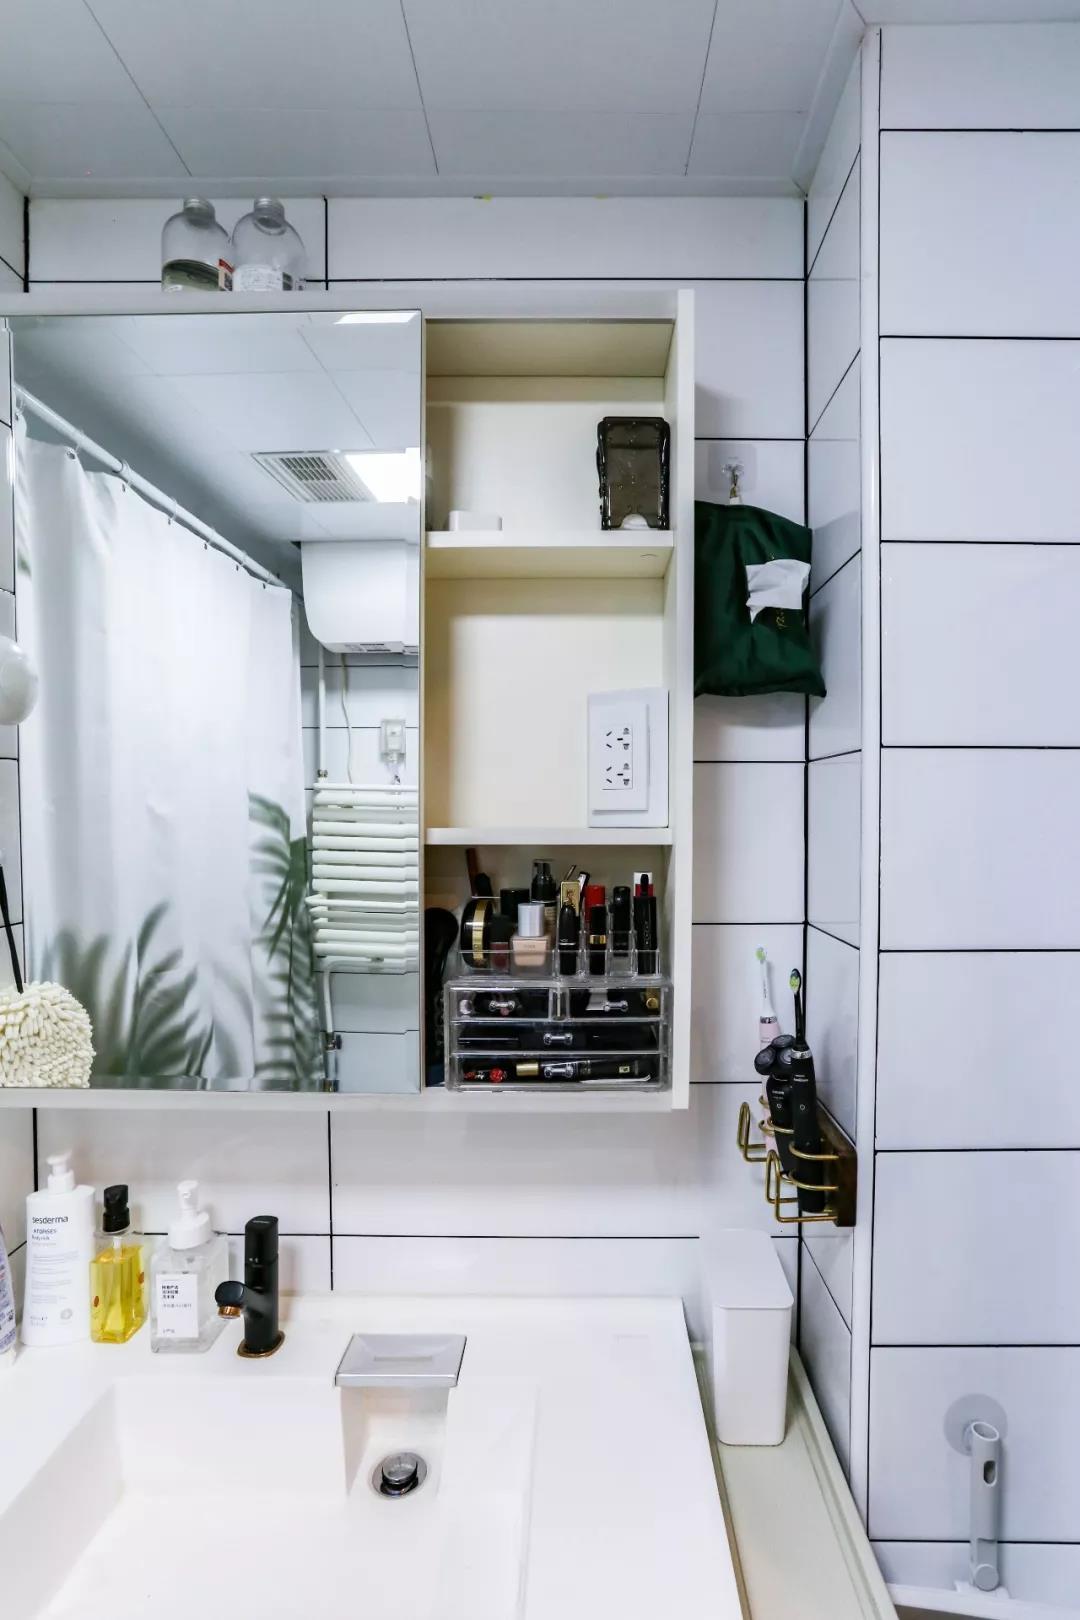 110㎡二室一厅,拆了这面墙,比拥有开放式厨房更实用